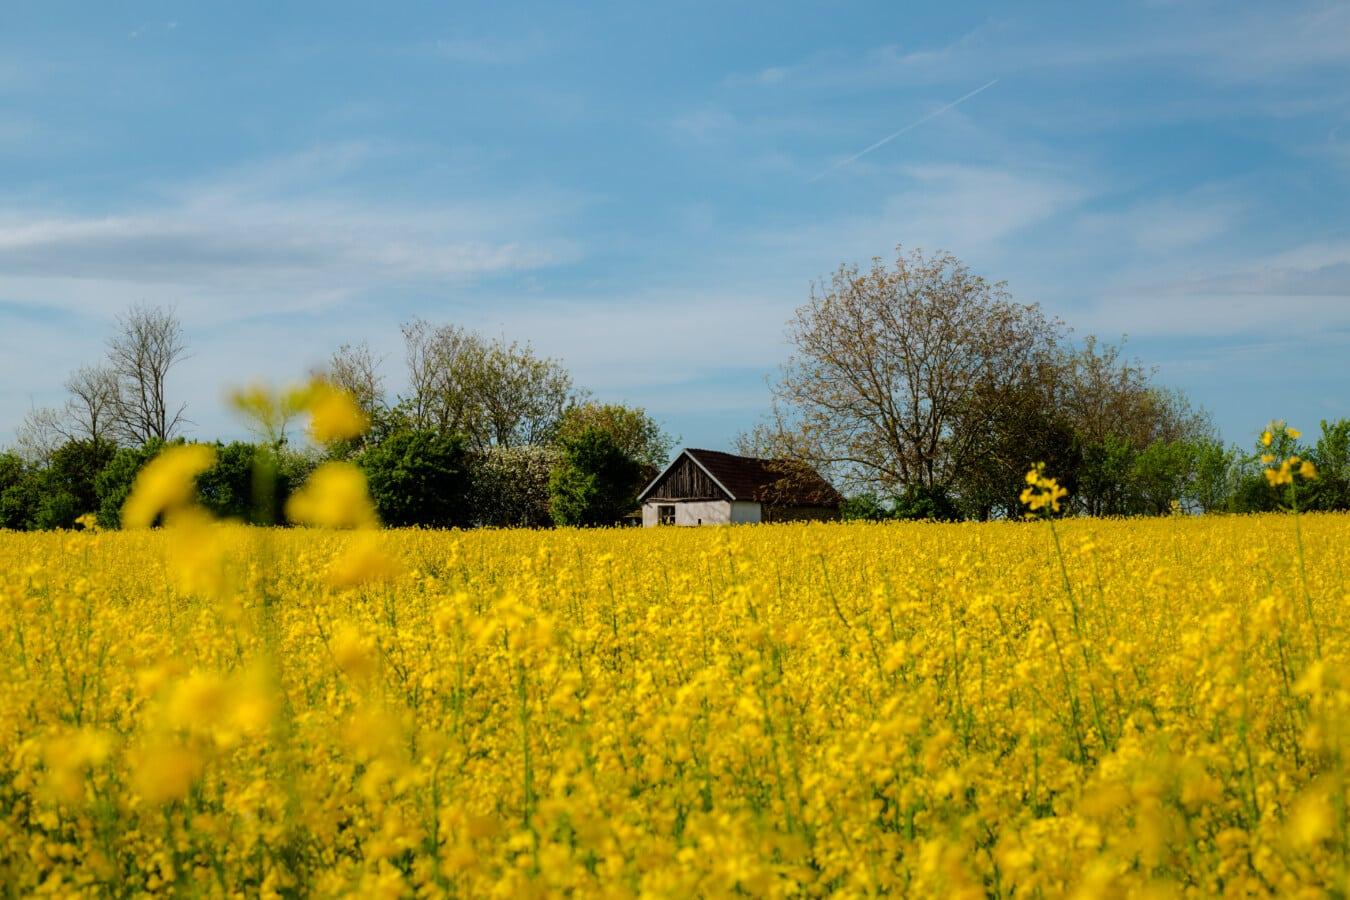 Raps, landwirtschaftlich, Feld, des ländlichen Raums, Landwirtschaft, Samen, Landschaft, Natur, Landschaft, Sommer